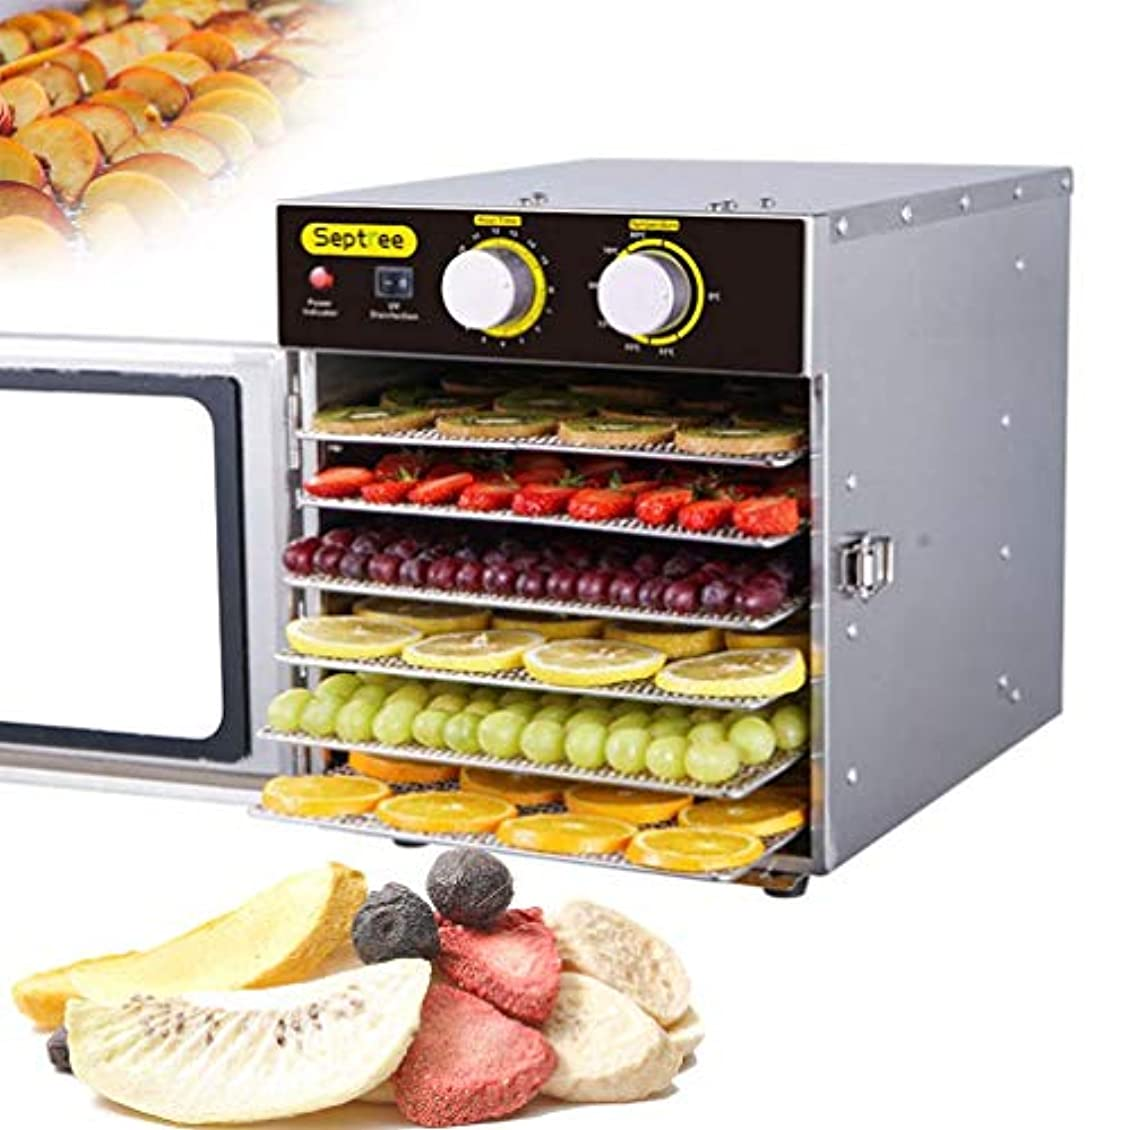 ビーム容赦ない証拠6フロアの食品脱水機トレイ、果物と野菜の脱水機33?80度の調整可能な温度、BPAフリー、.